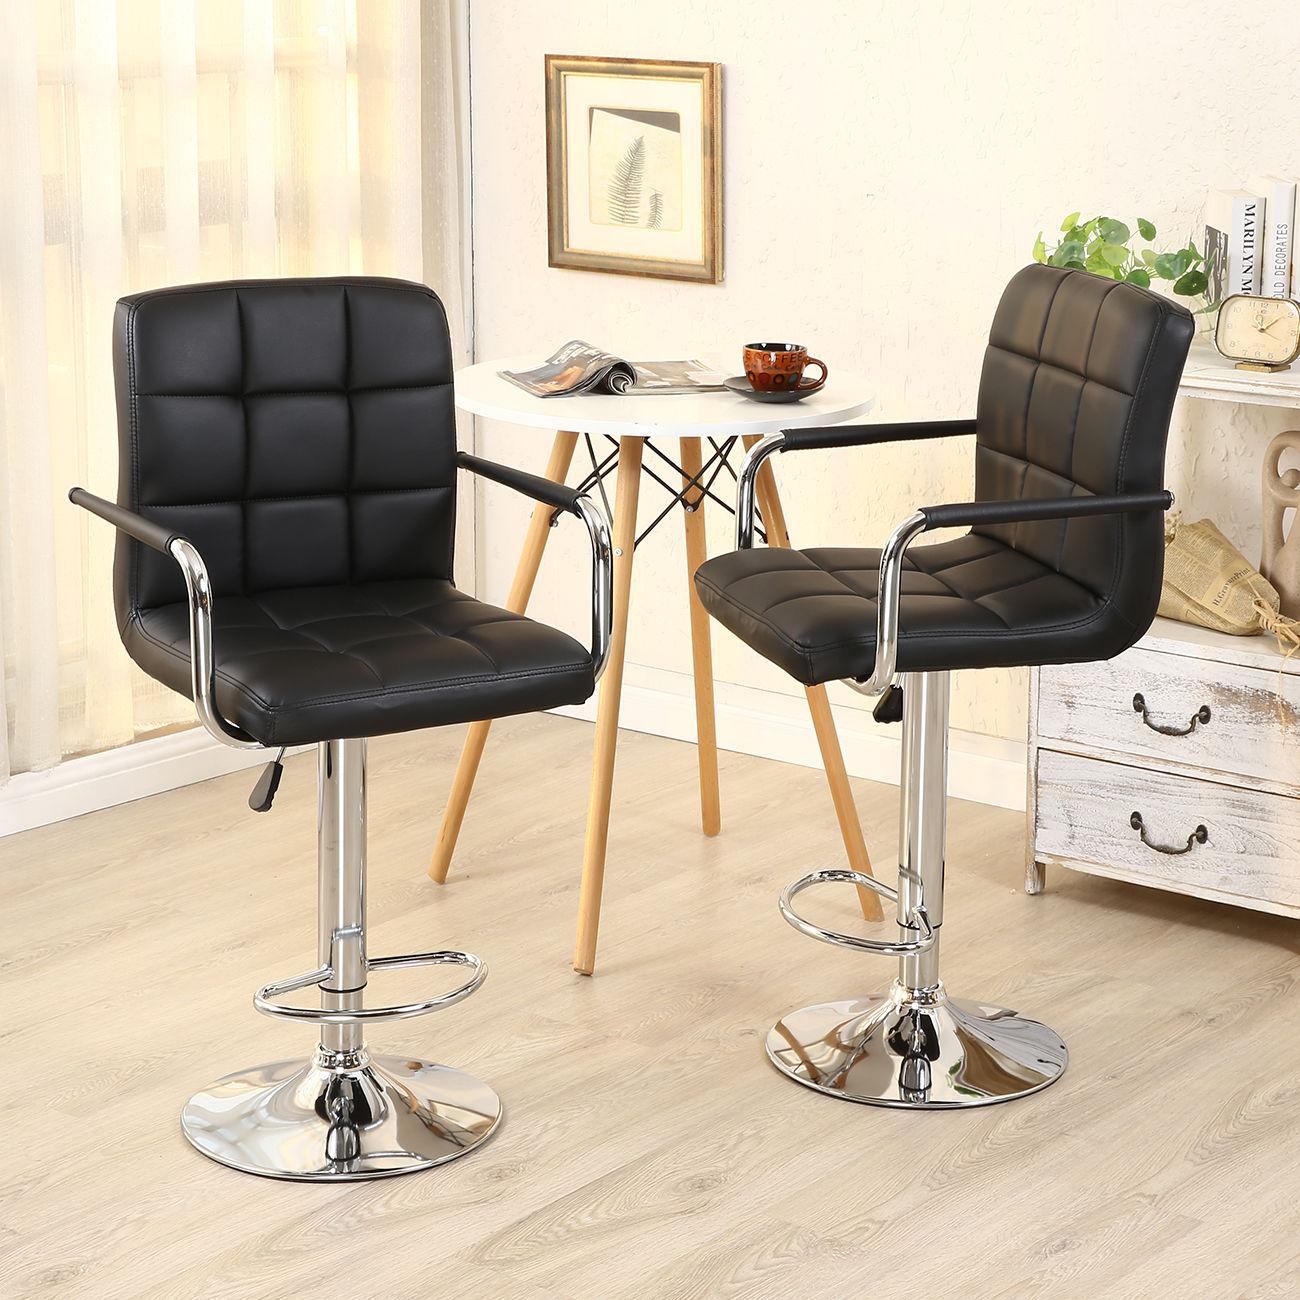 2 PACK Swivel Bar Stool PU Leather Modern Adjustable  : 132F130266282Fs l1600 170424160330 from www.ebay.com size 1300 x 1300 jpeg 278kB